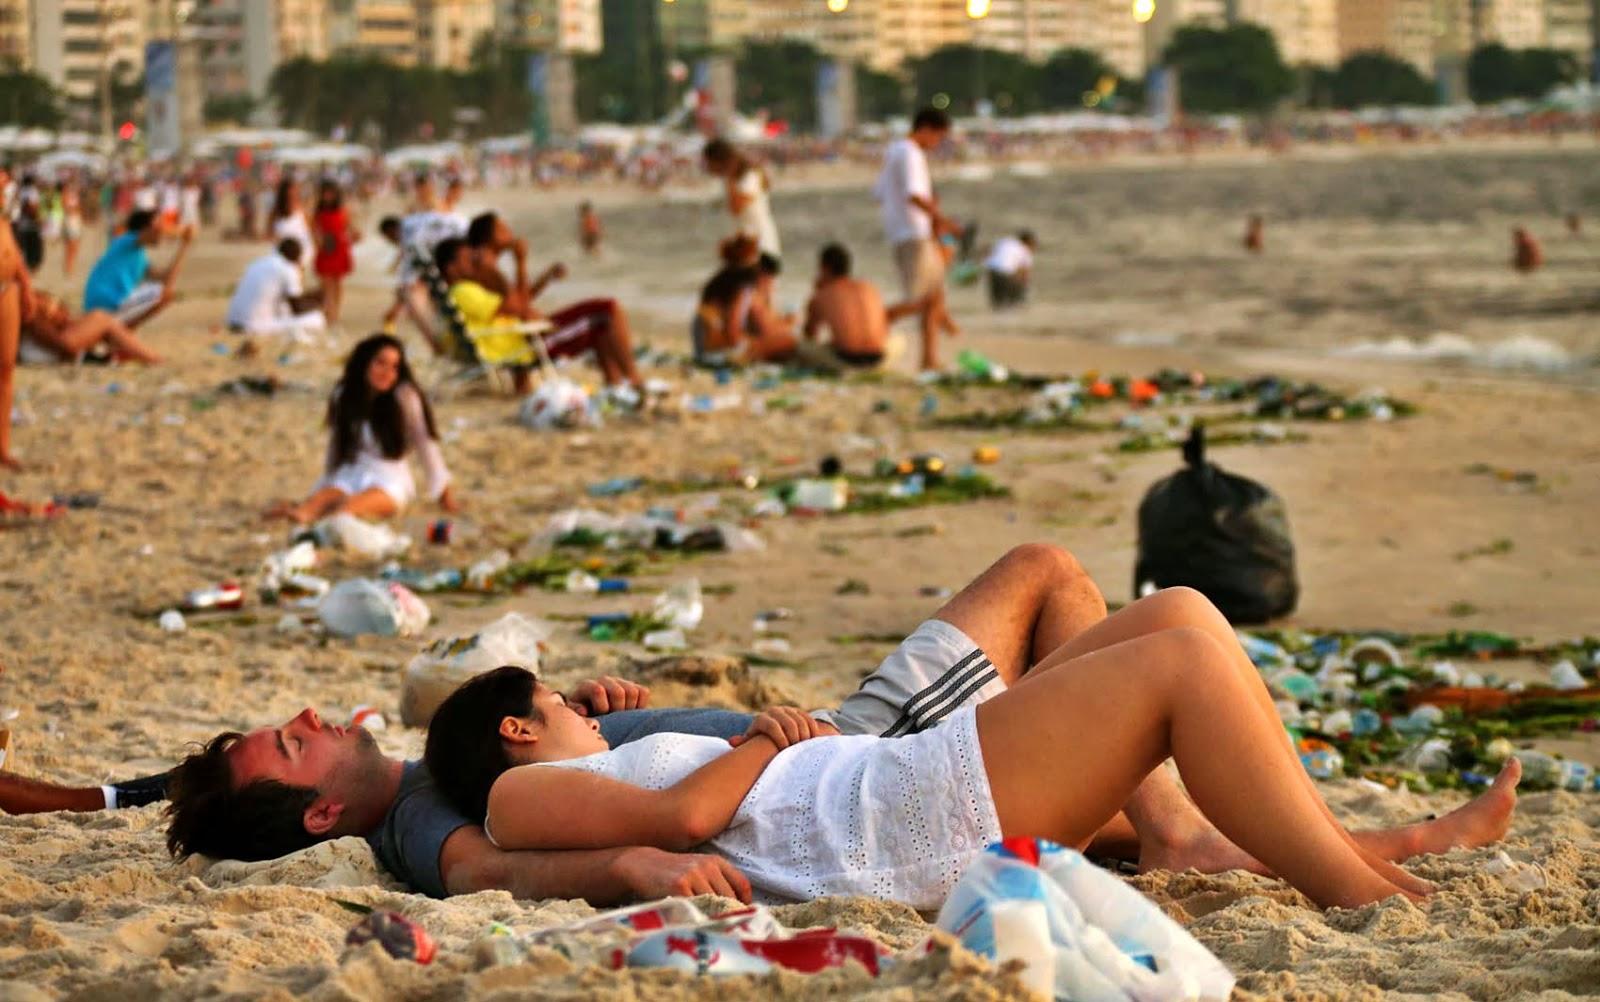 O 1º dia de 2014 de Copacabana: coberta de lixo.